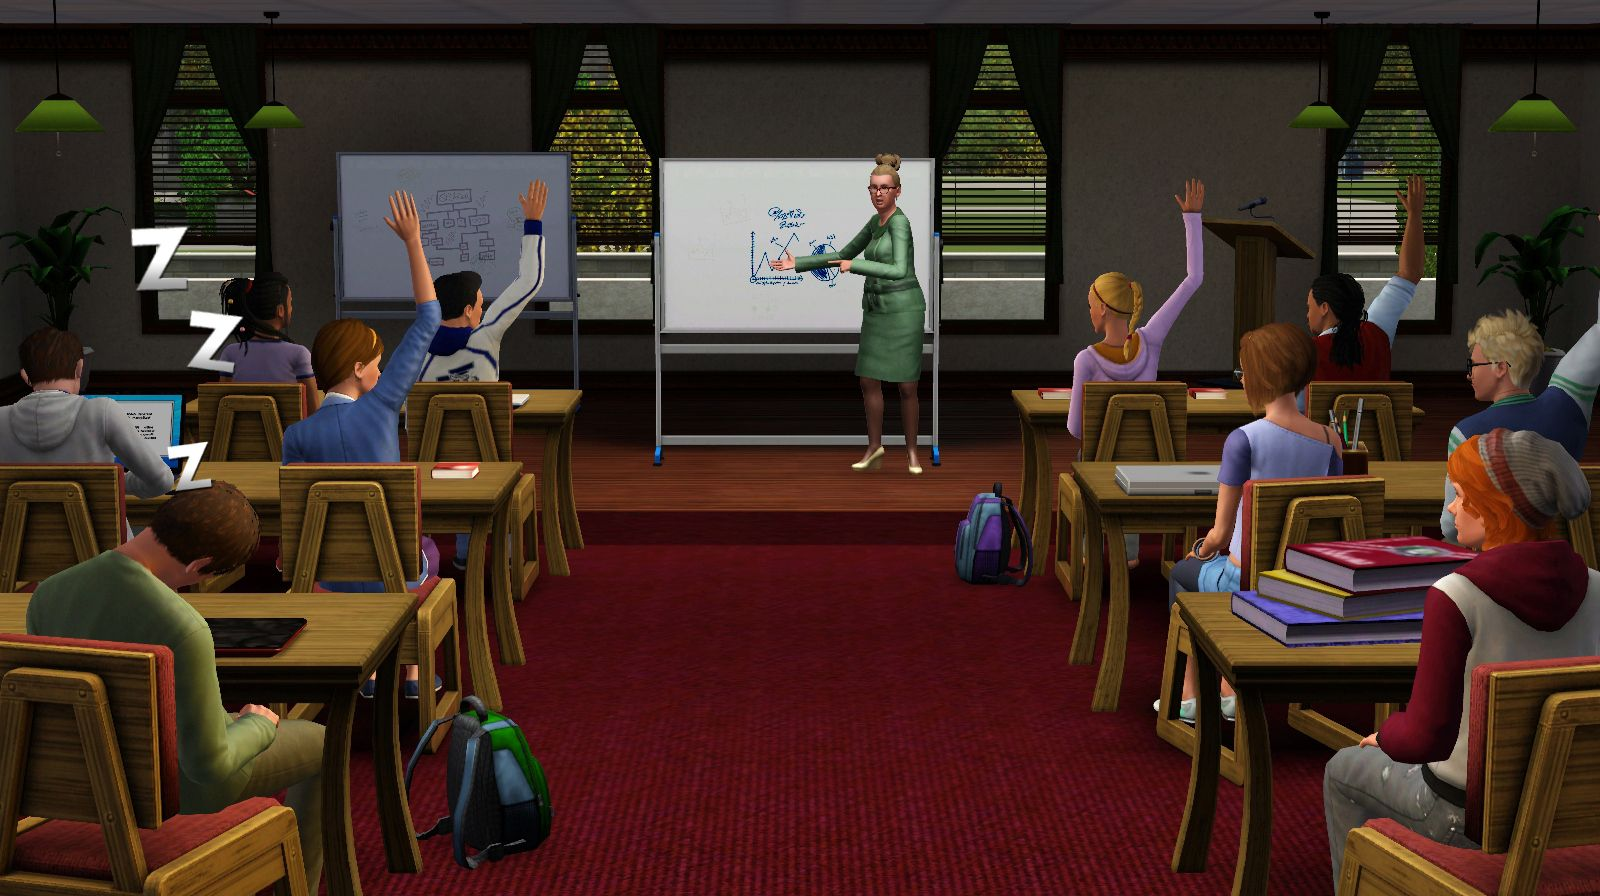 meilleur rencontres Sims jeux pour PC poissons pour la datation en ligne